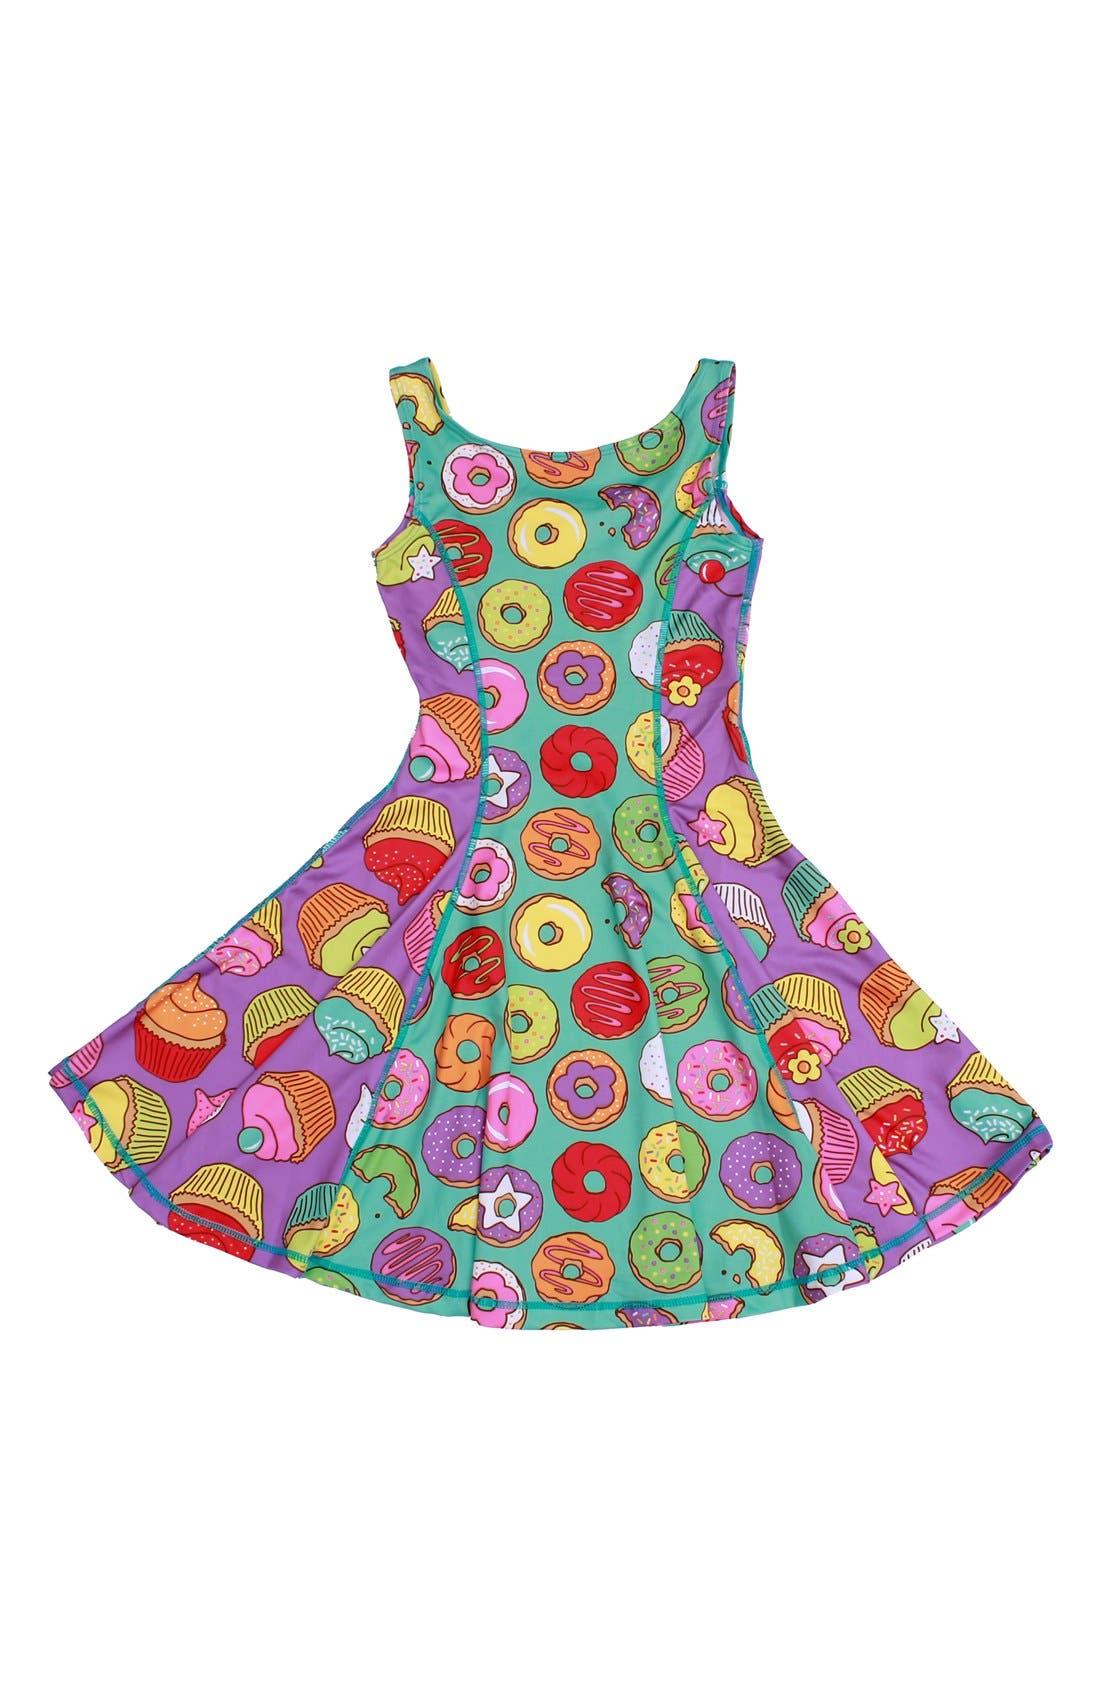 CHOOZE Flow Mixed Print Dress (Little Girls & Big Girls)